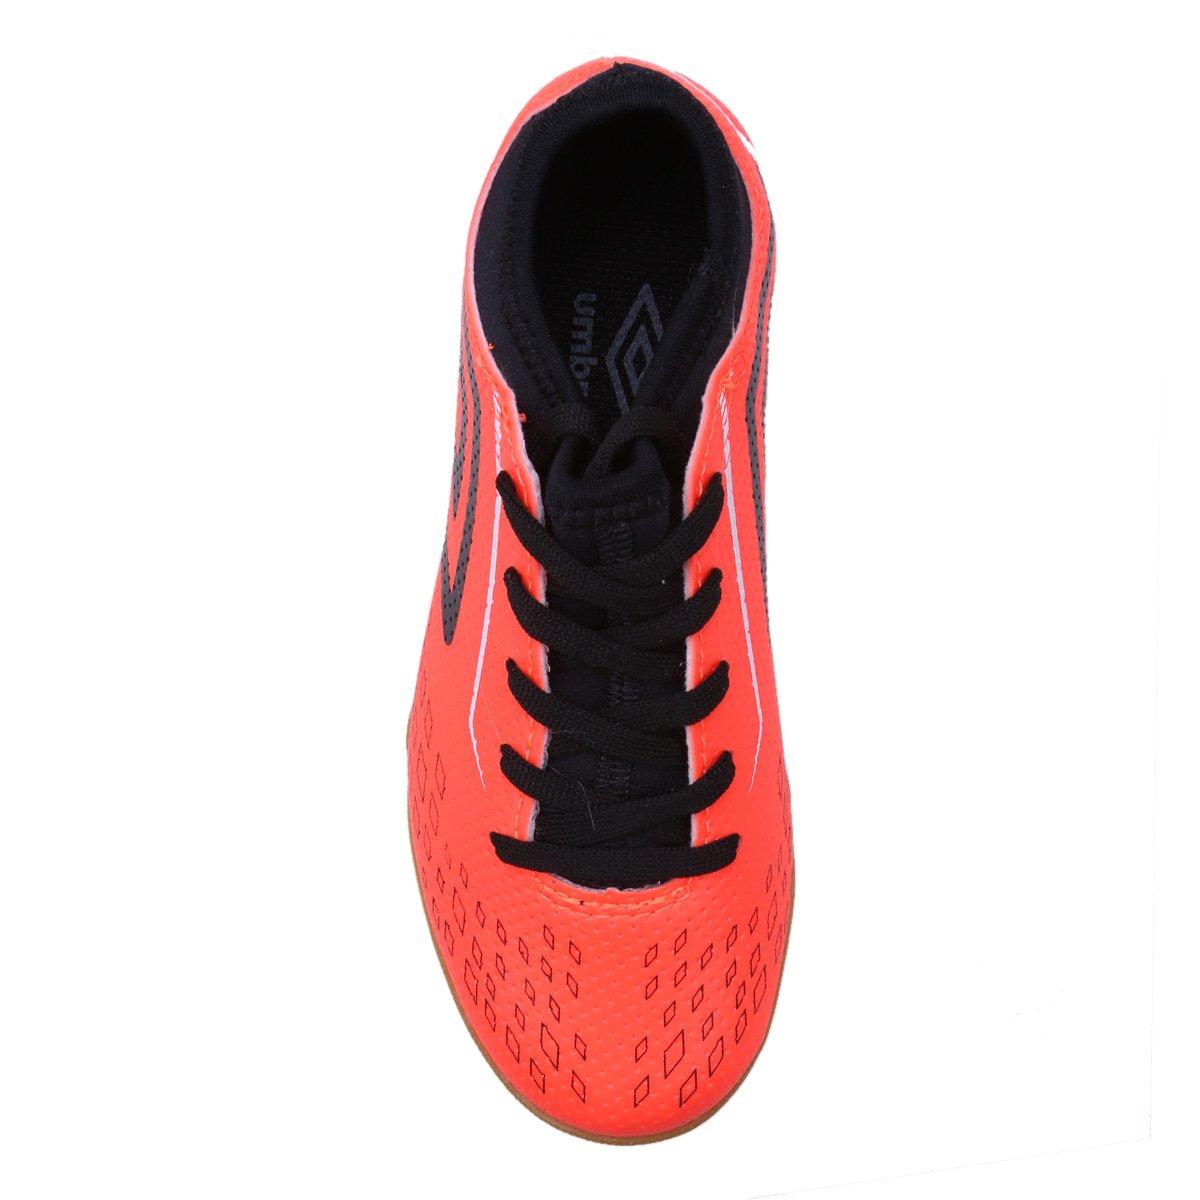 Chuteira Futsal Infantil Umbro Velox - Laranja - Compre Agora  670f338d5c67b